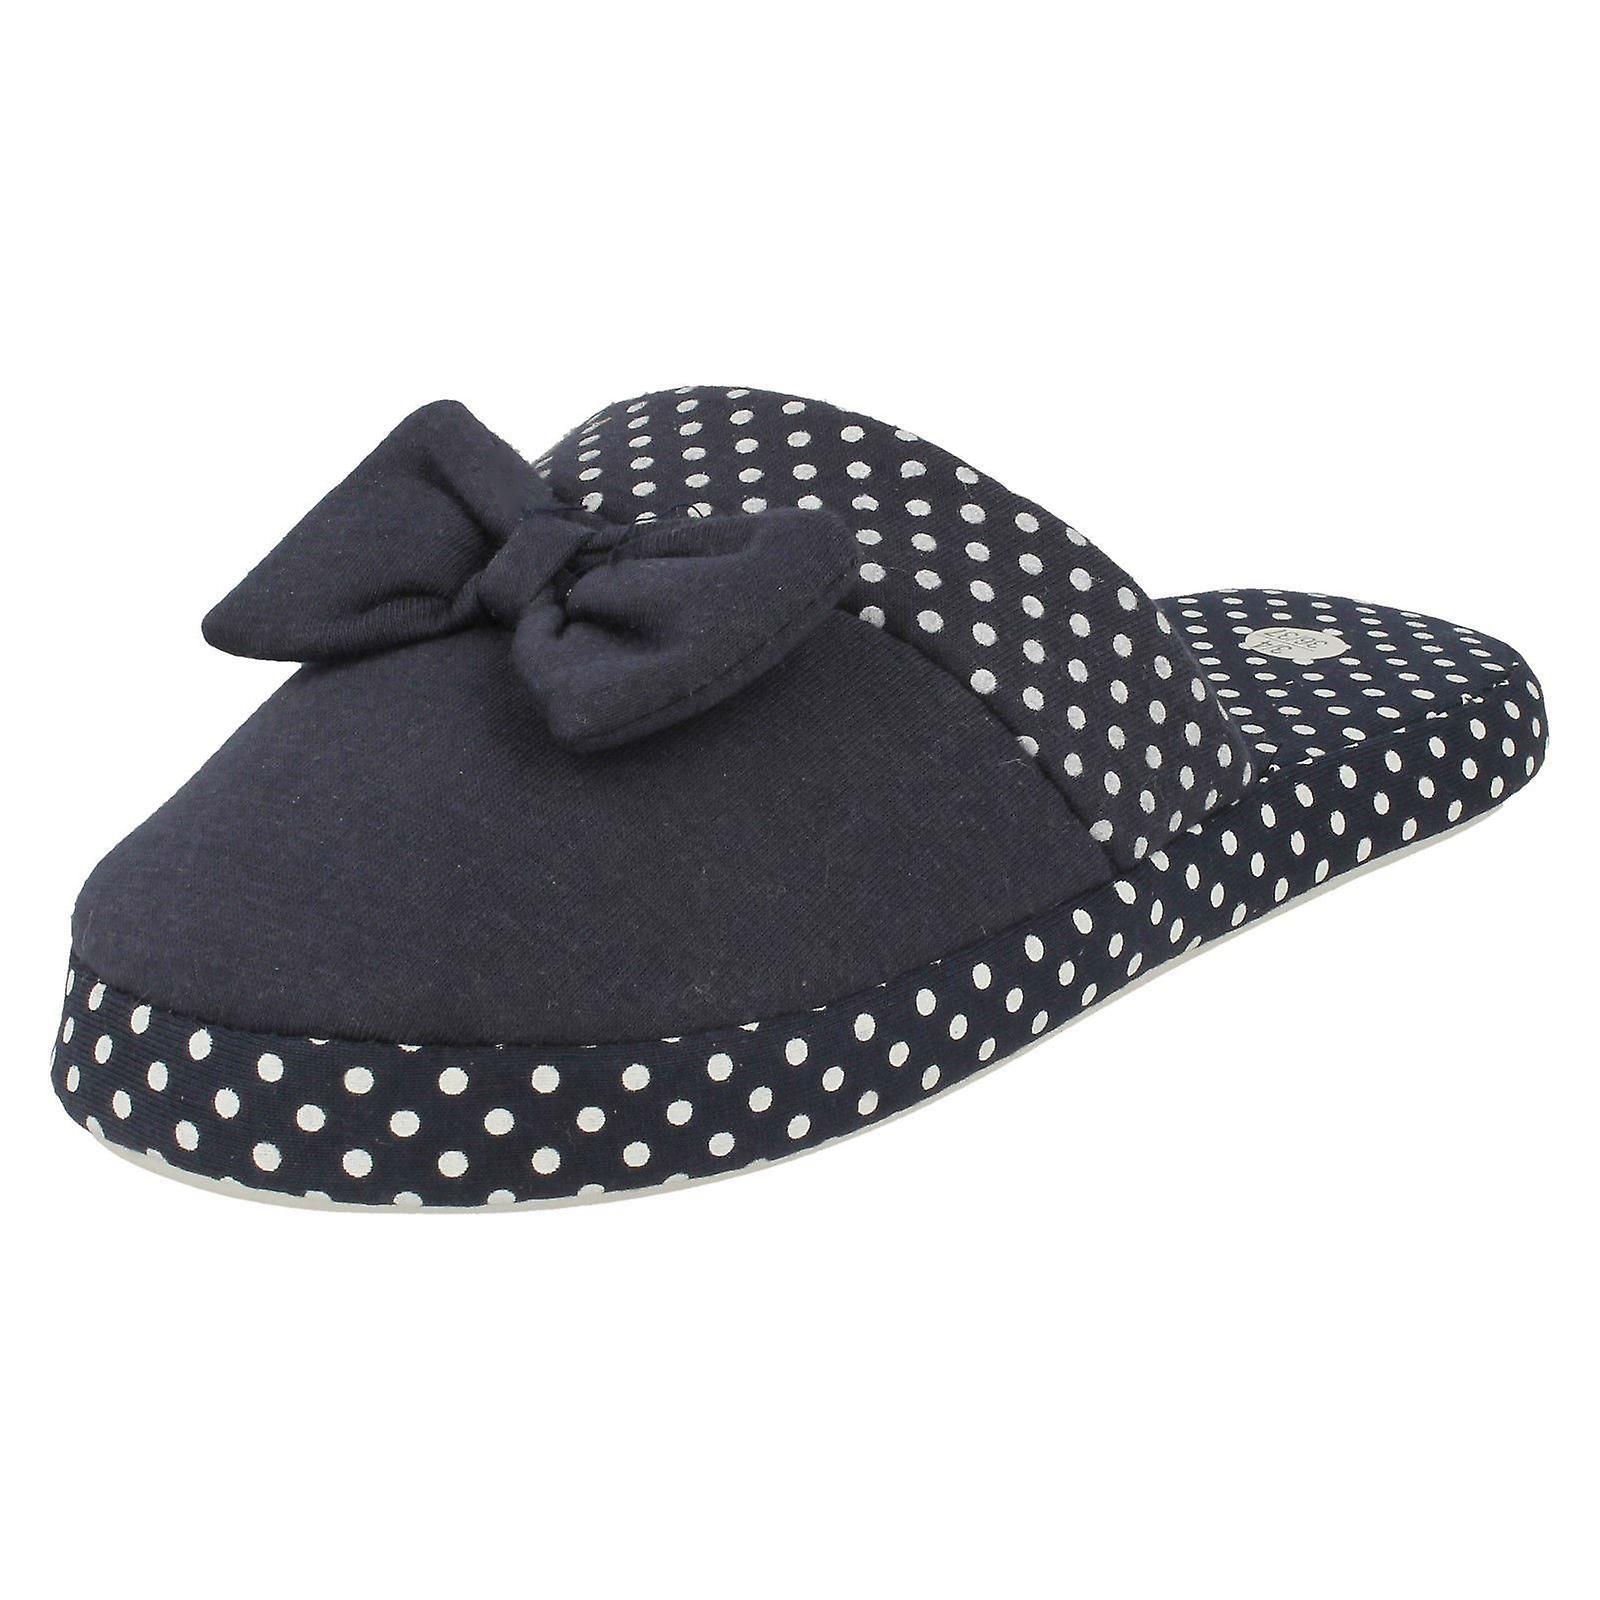 Ladies Sleep Lounge Slip On Slipper Shoes X2099 - Blue Spotty Textile - UK Size 5-6 - EU Size 38-39 - US Size 7-8